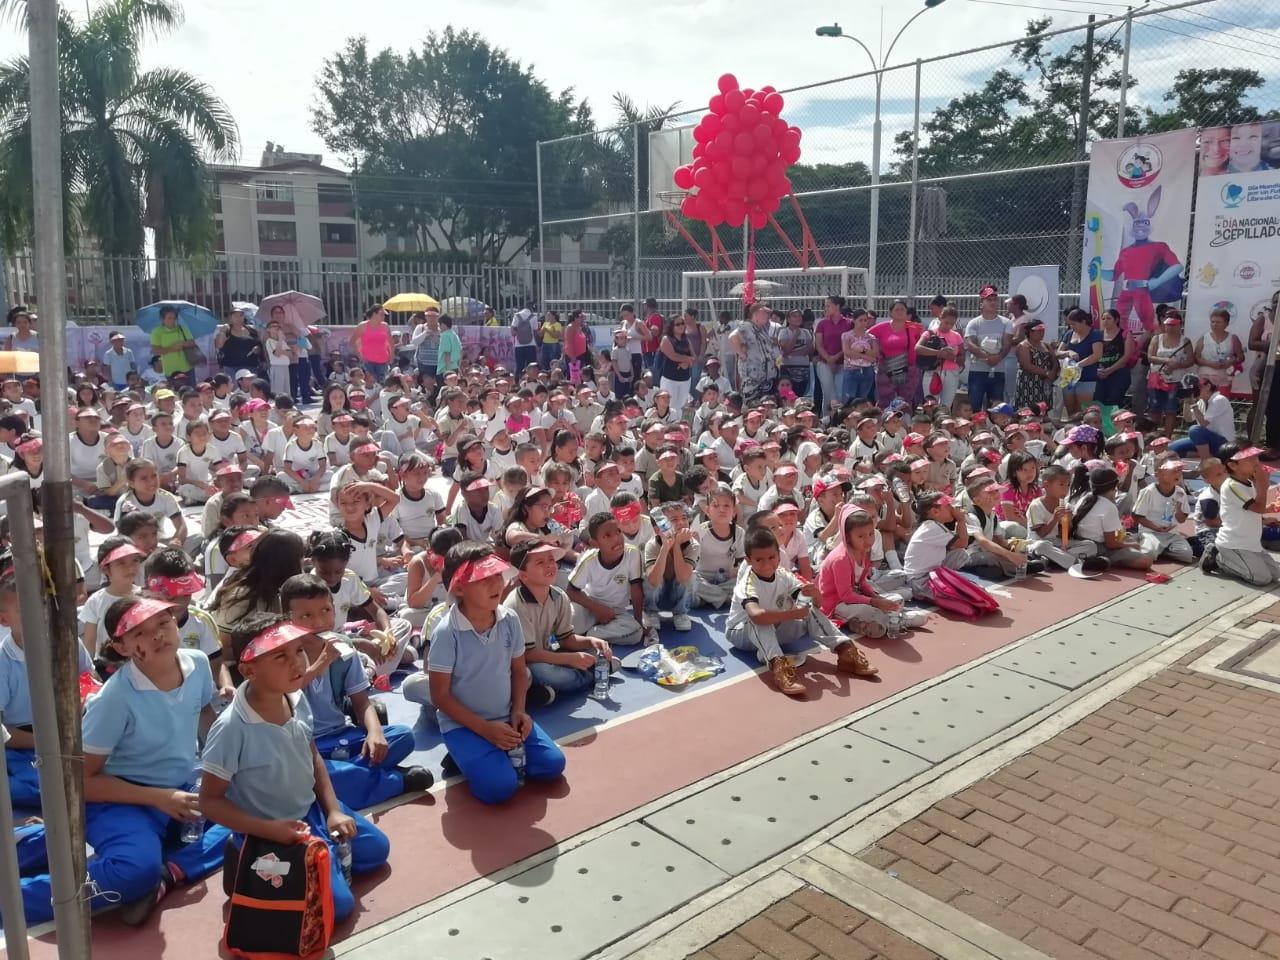 En el parque de la Horqueta se celebró el Día Nacional del Cepillado